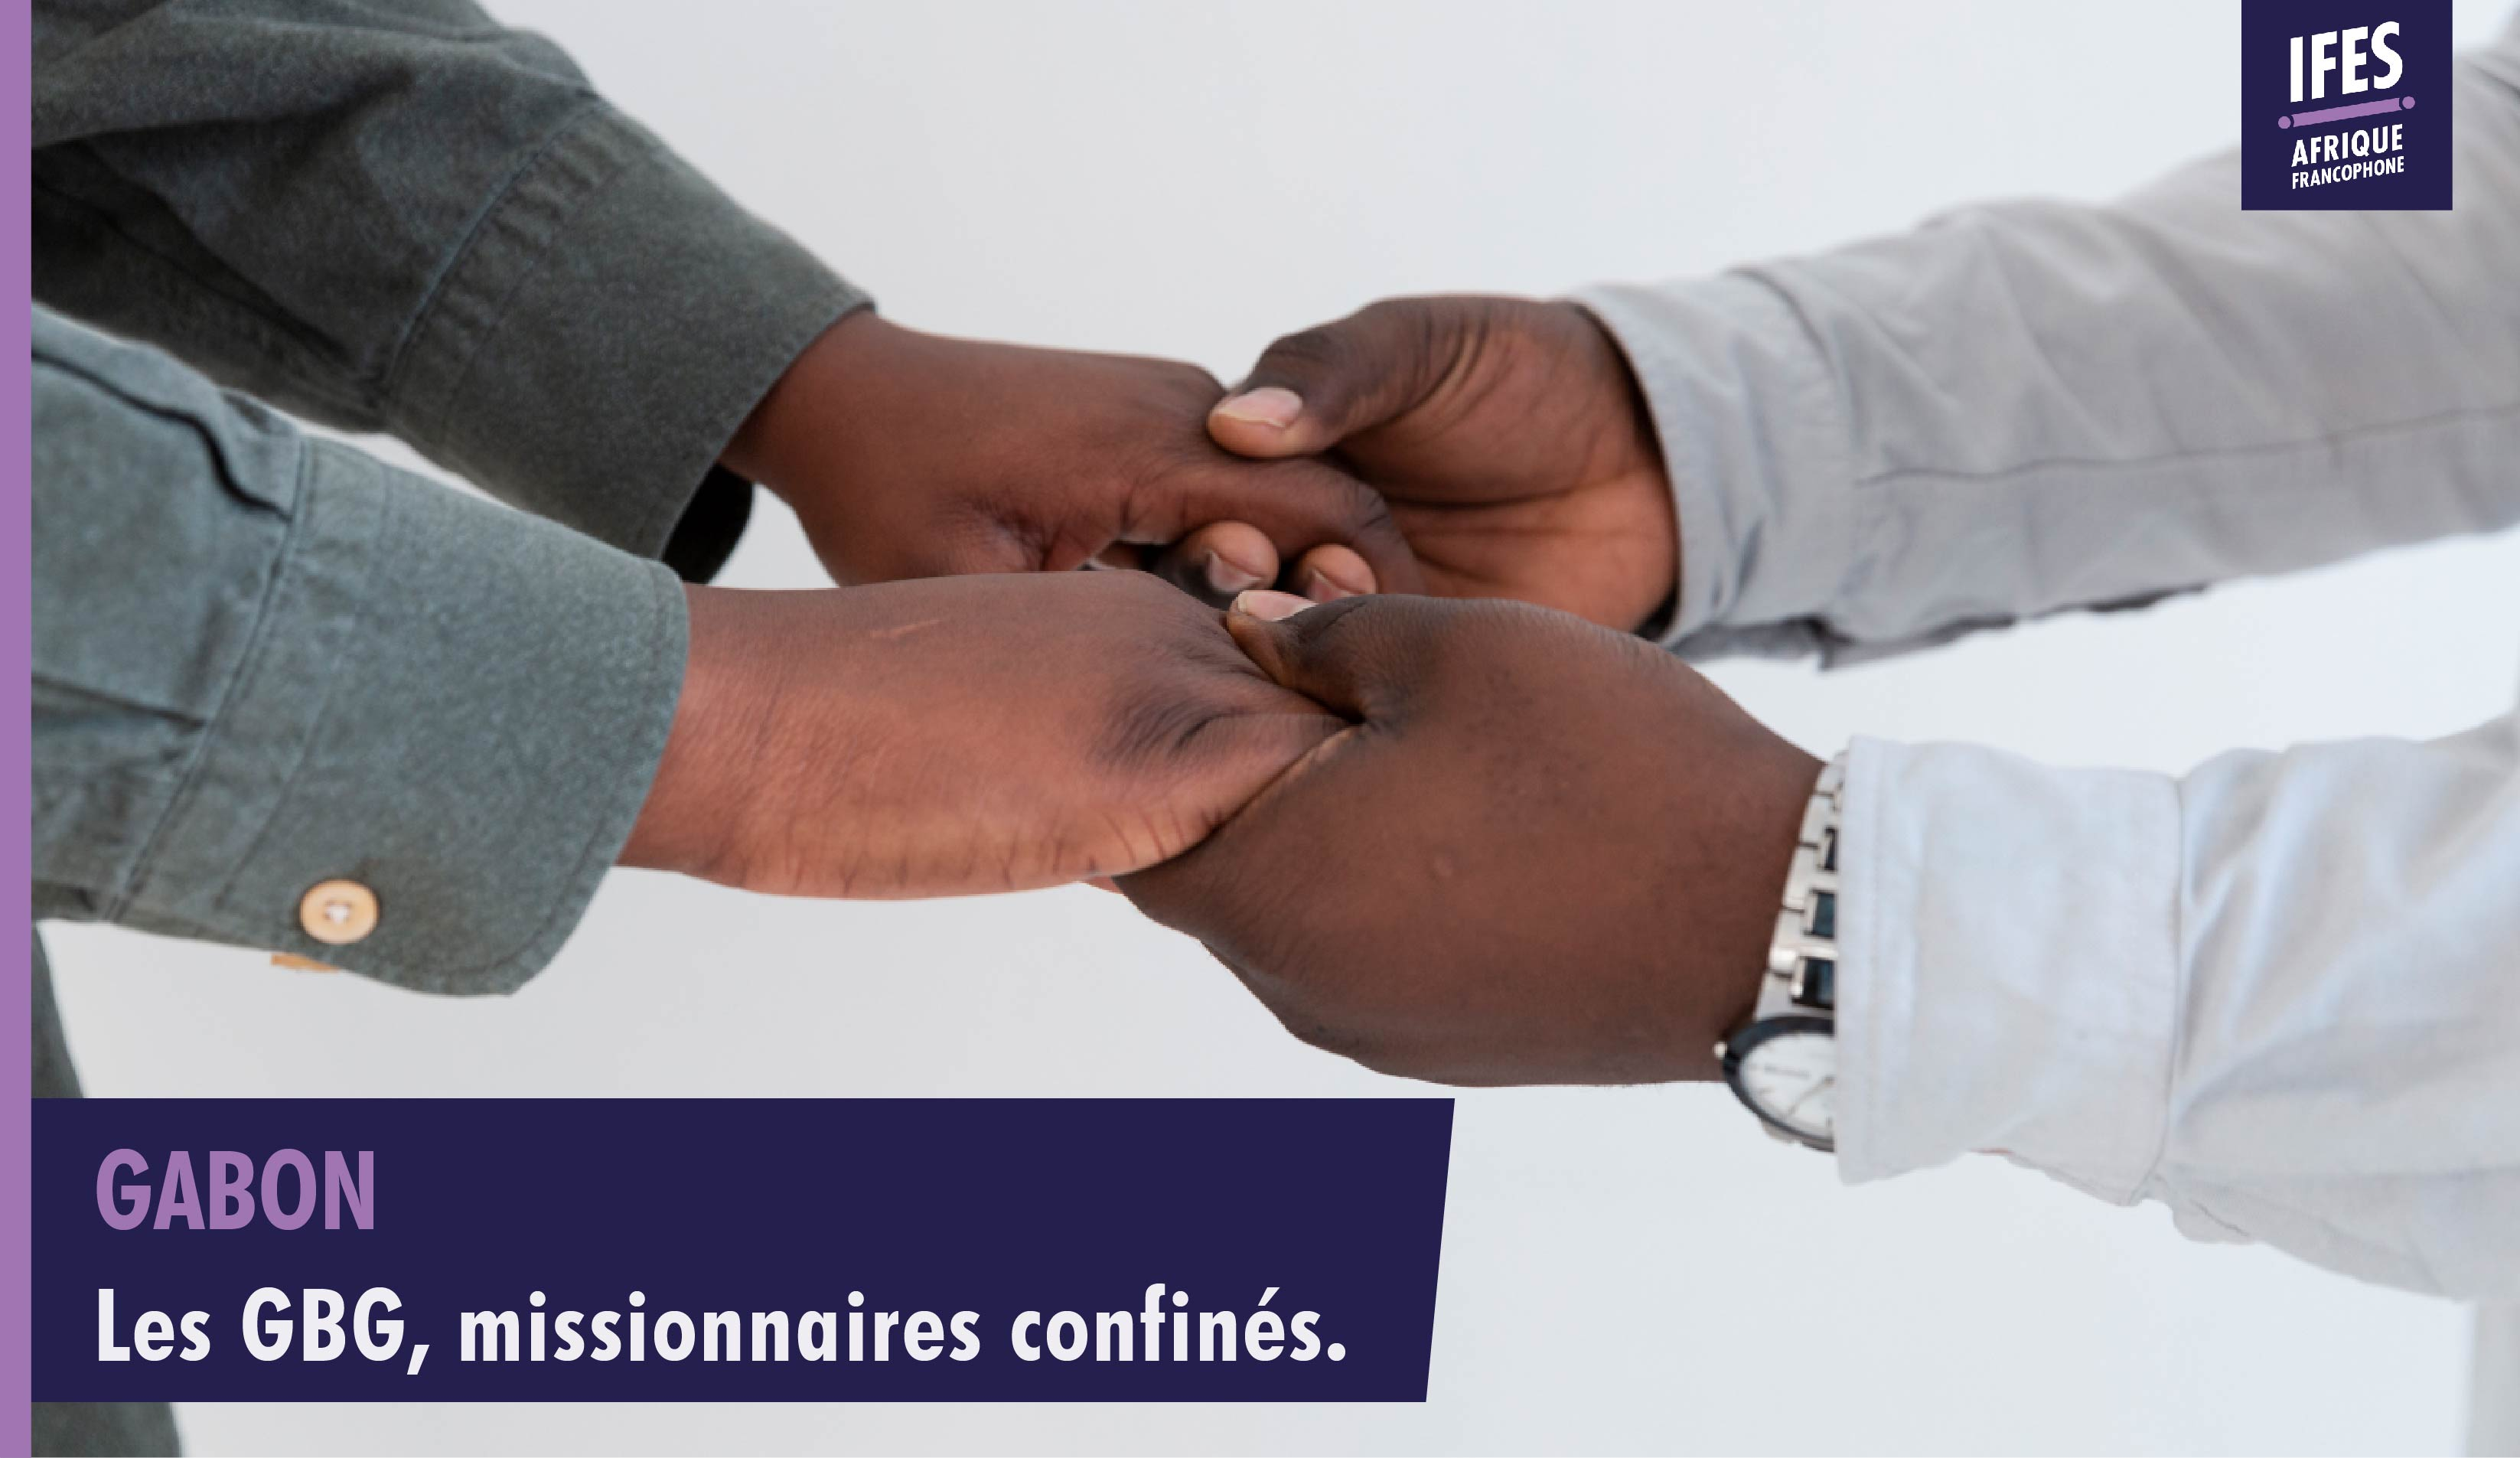 Les GBG, missionnaires confinés.